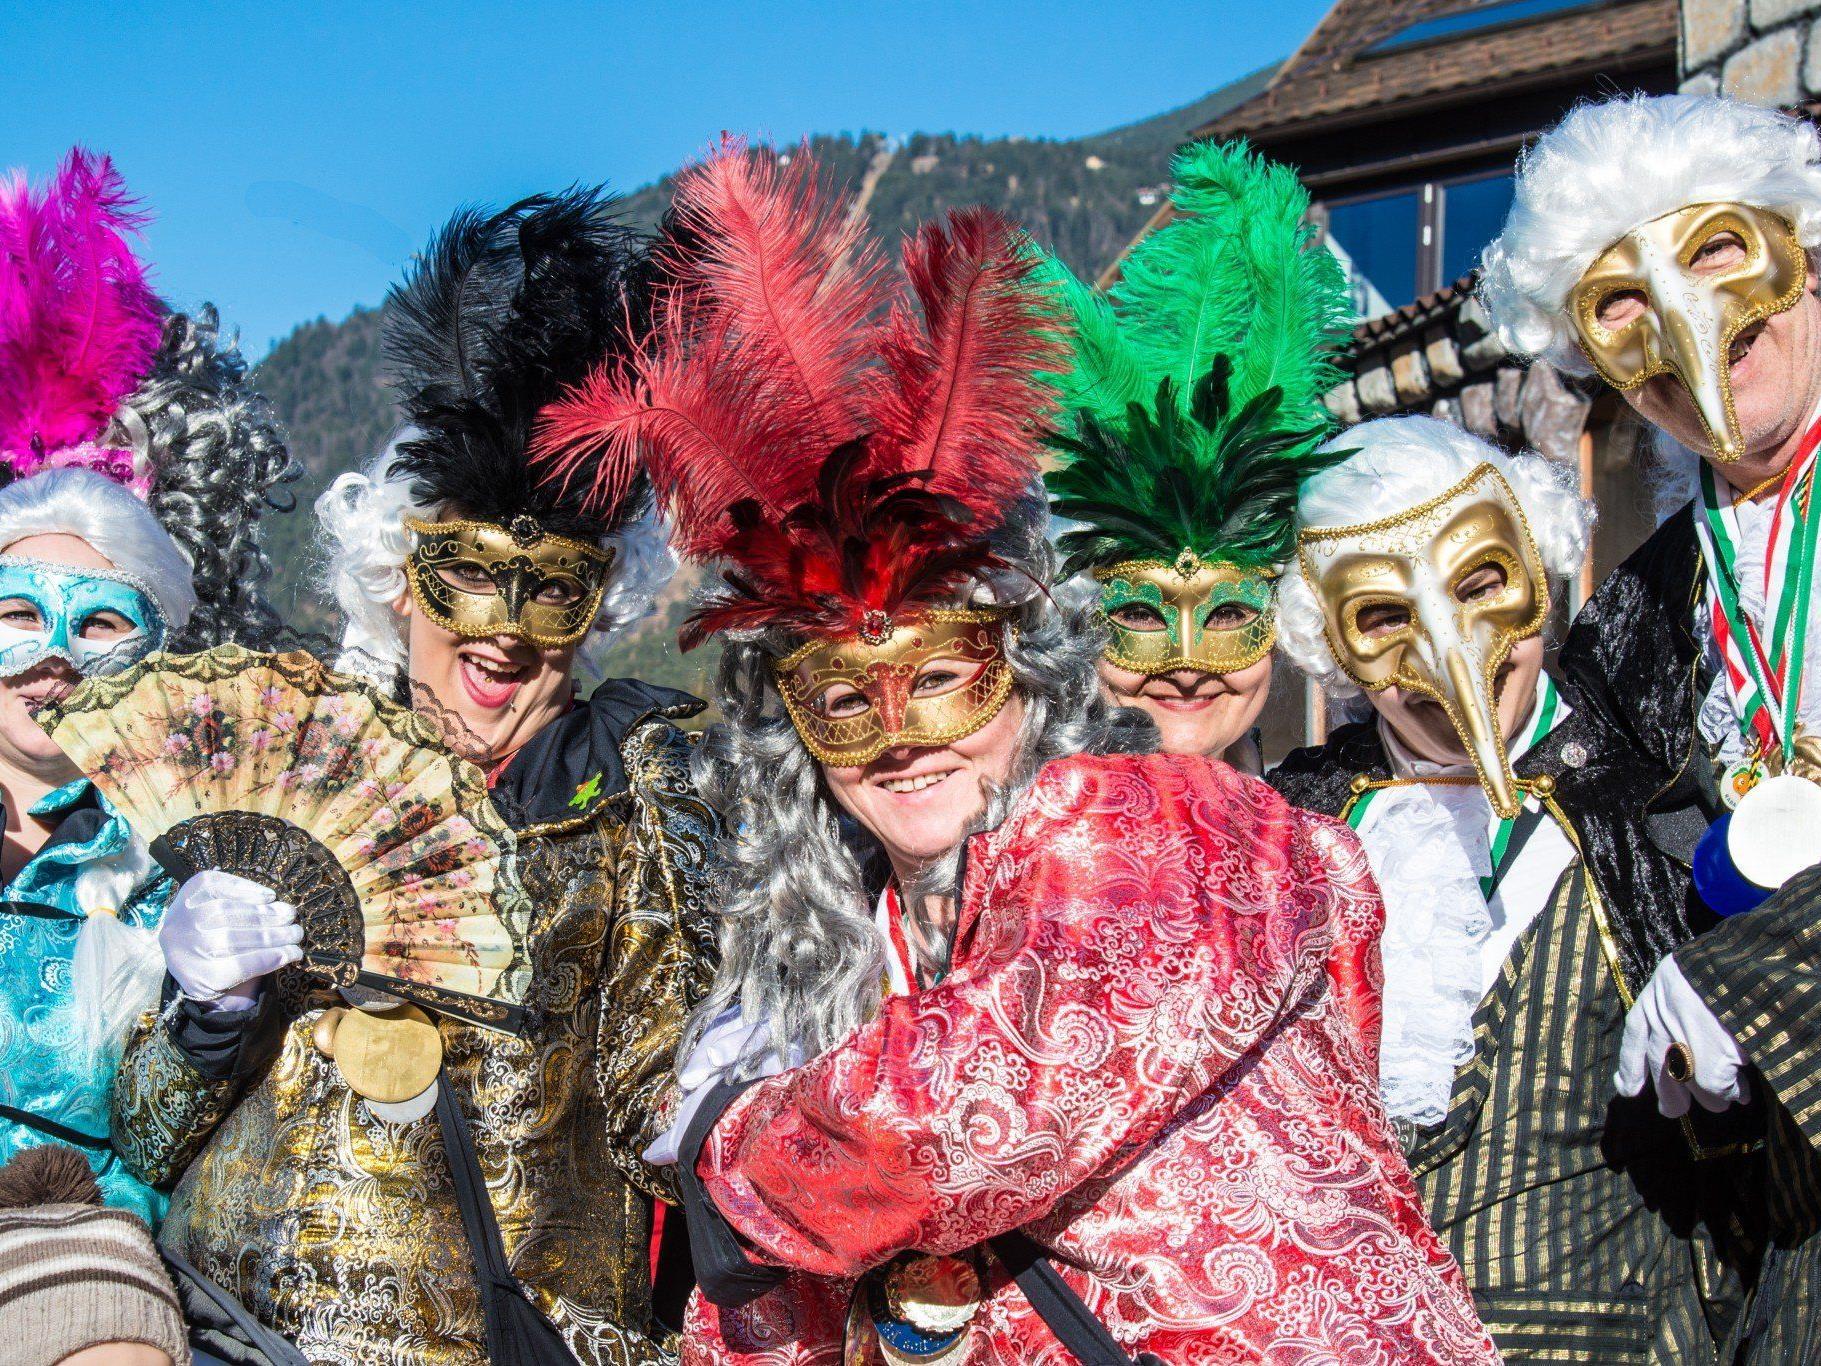 Mit schicken Masken und Kostümen inkognito beim Landesnarrentag.